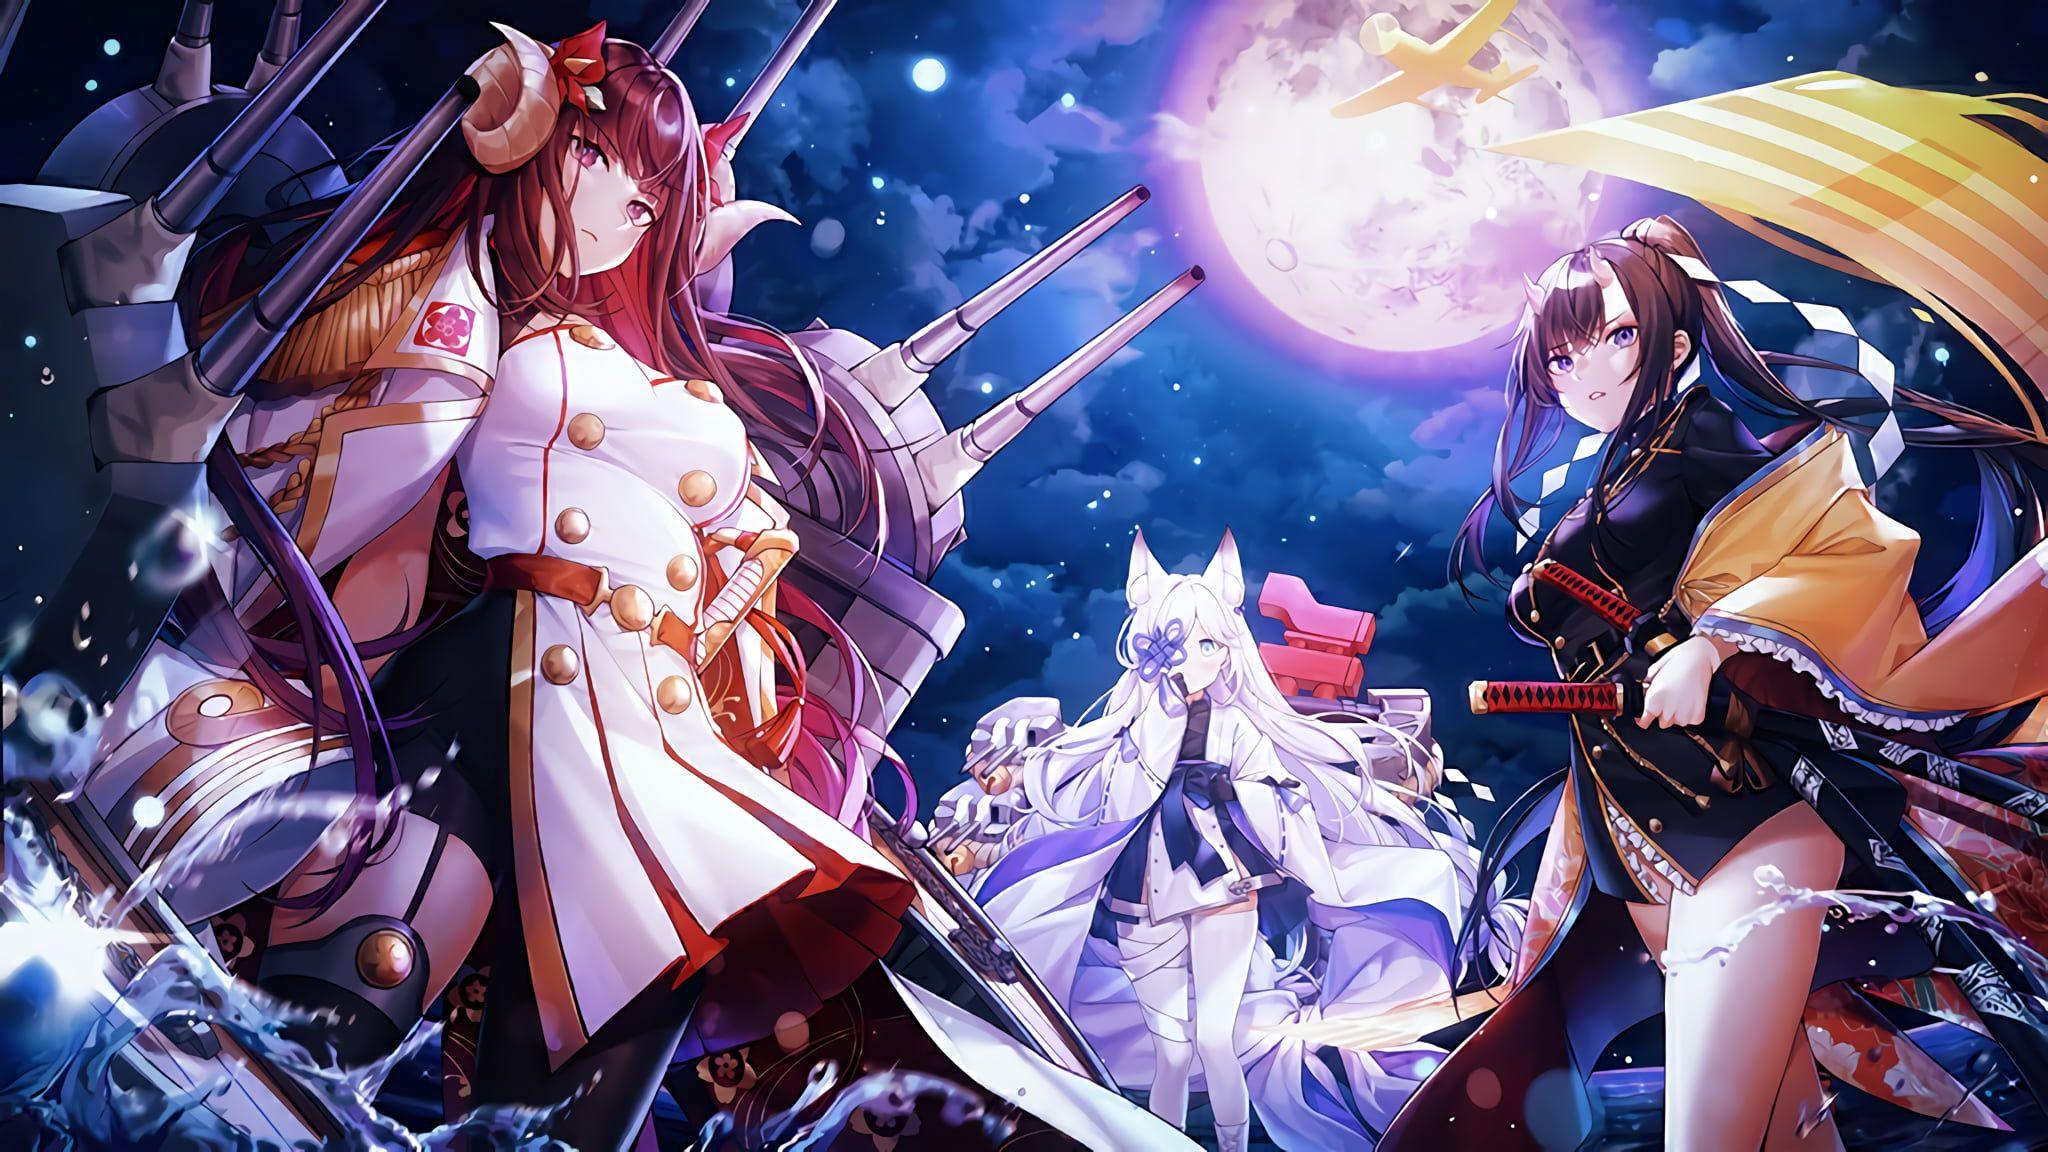 Azur Lane Suruga Azur Lane Ryuuhou Azur Lane Kasumi Azur Lane Night Sword 1080p Wallpaper Hdwallpaper In 2021 Anime 2048x1152 Wallpapers Character Wallpaper